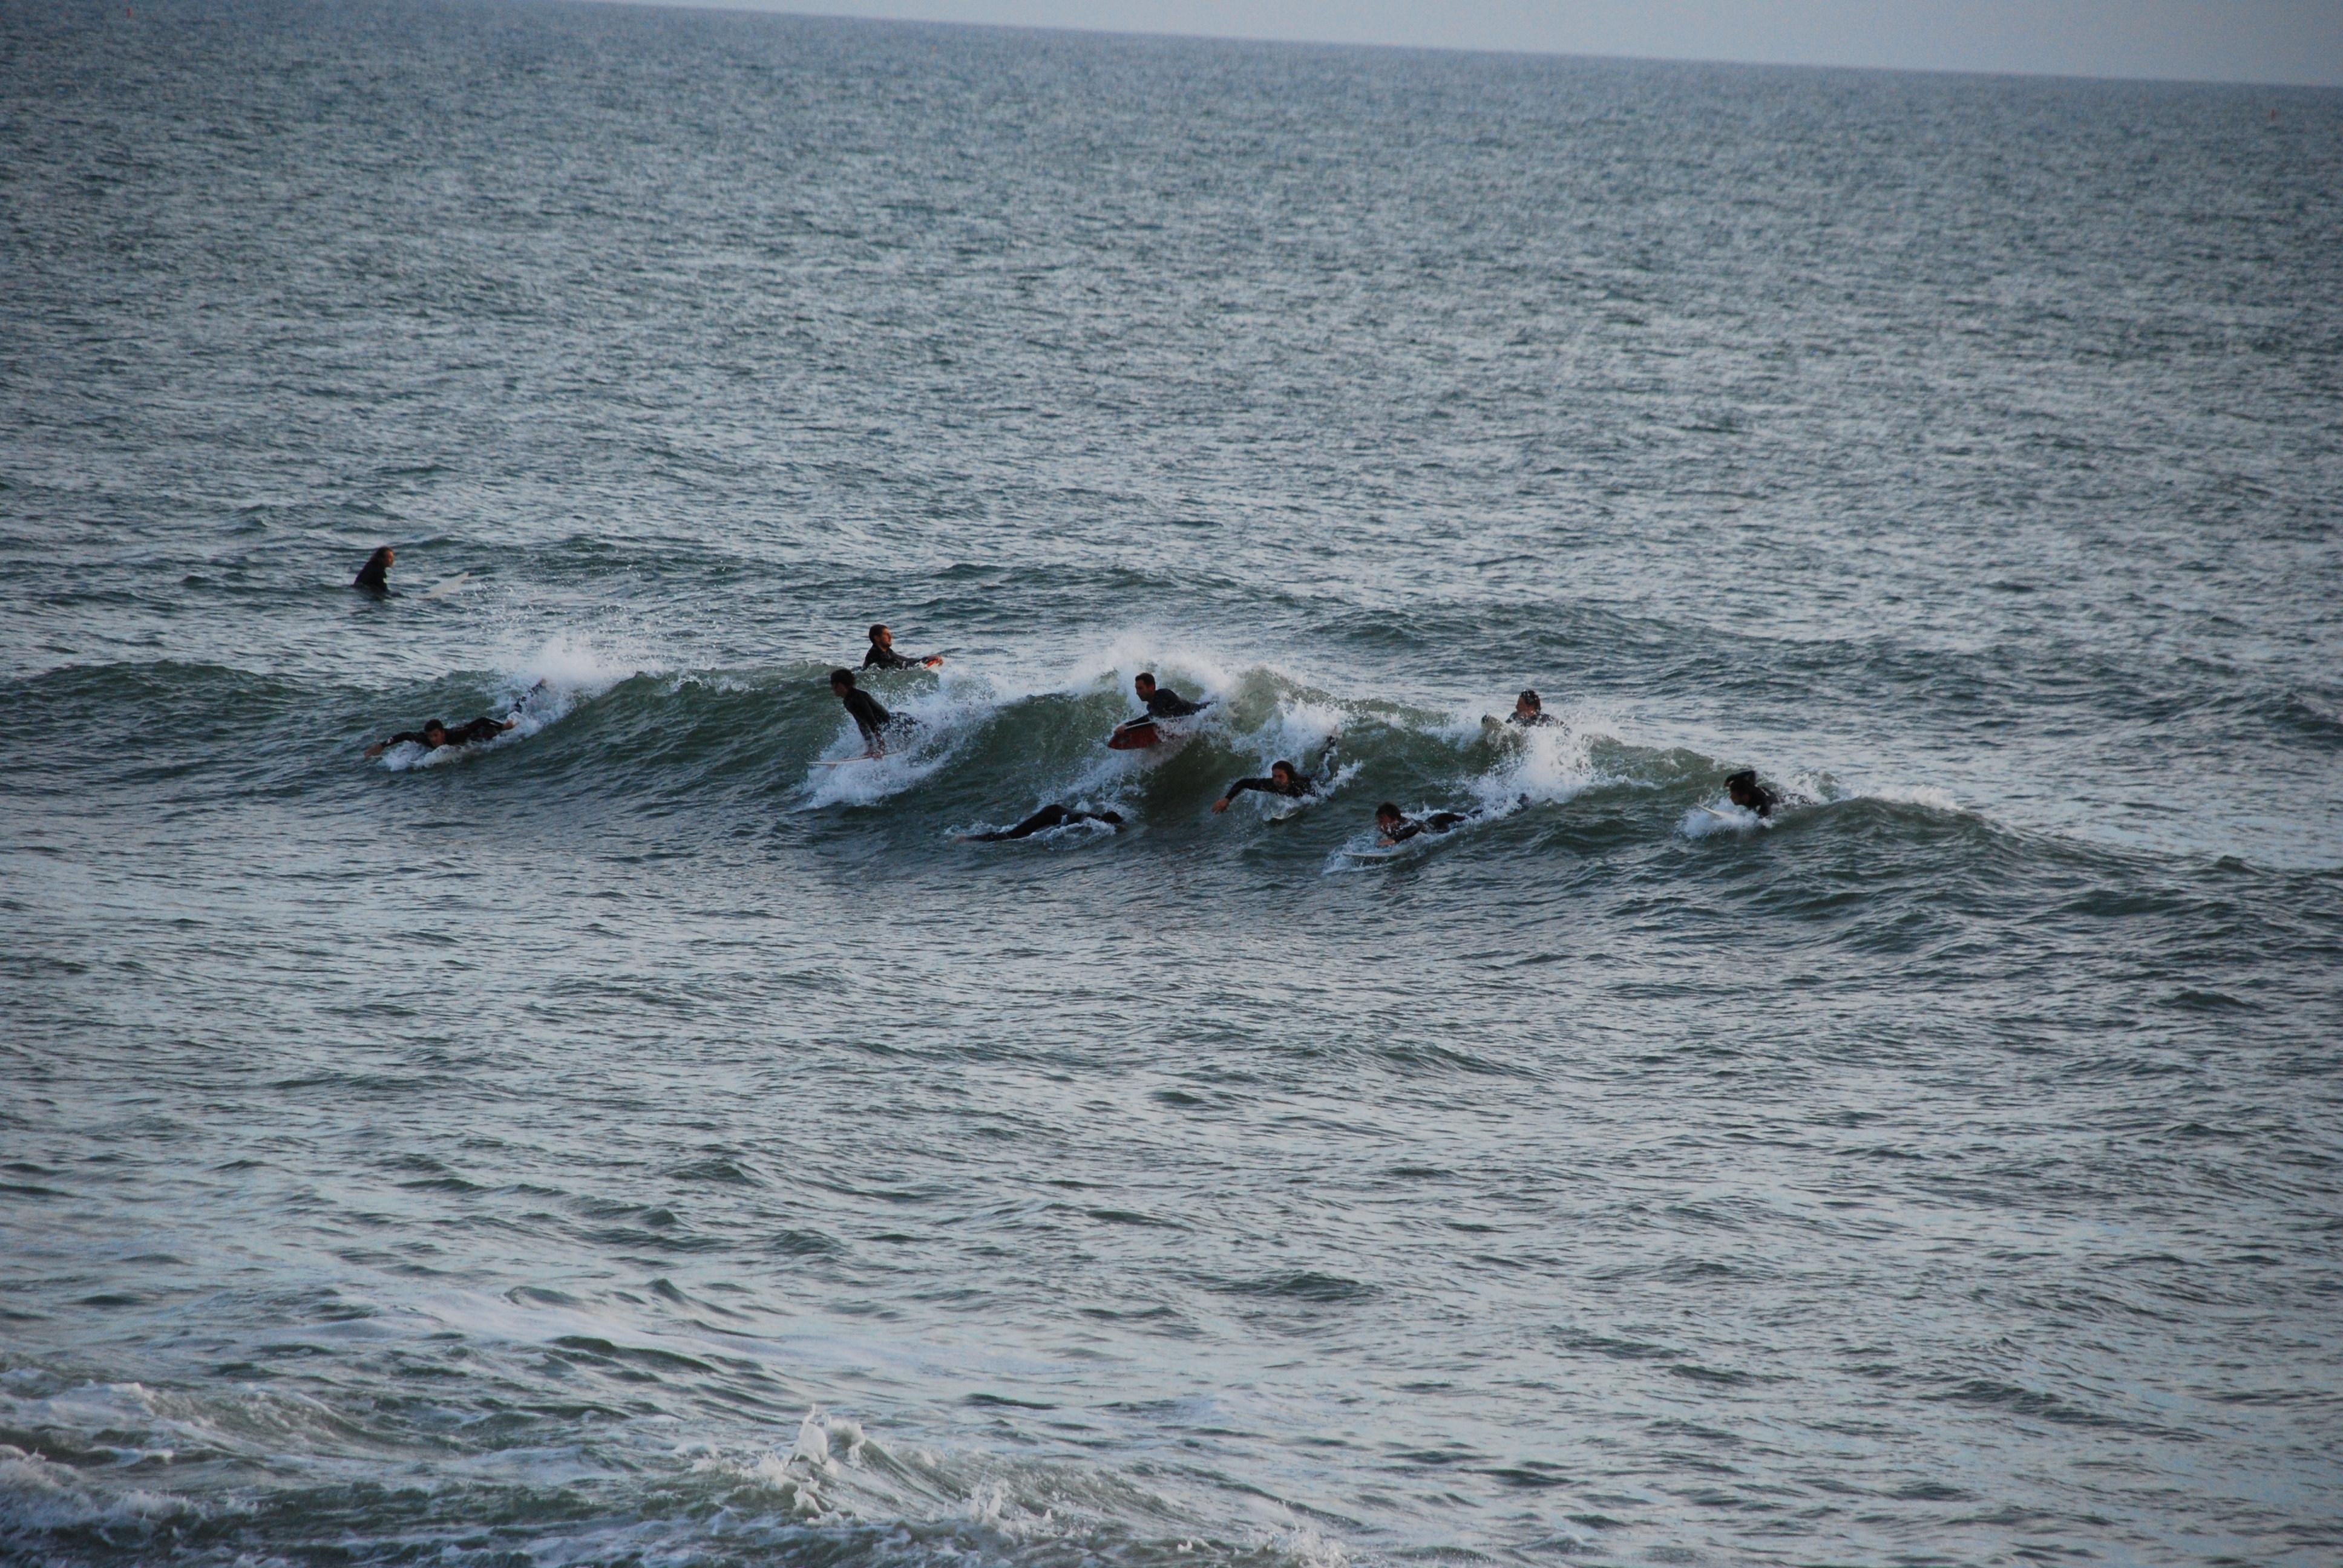 Veel surfers op golf